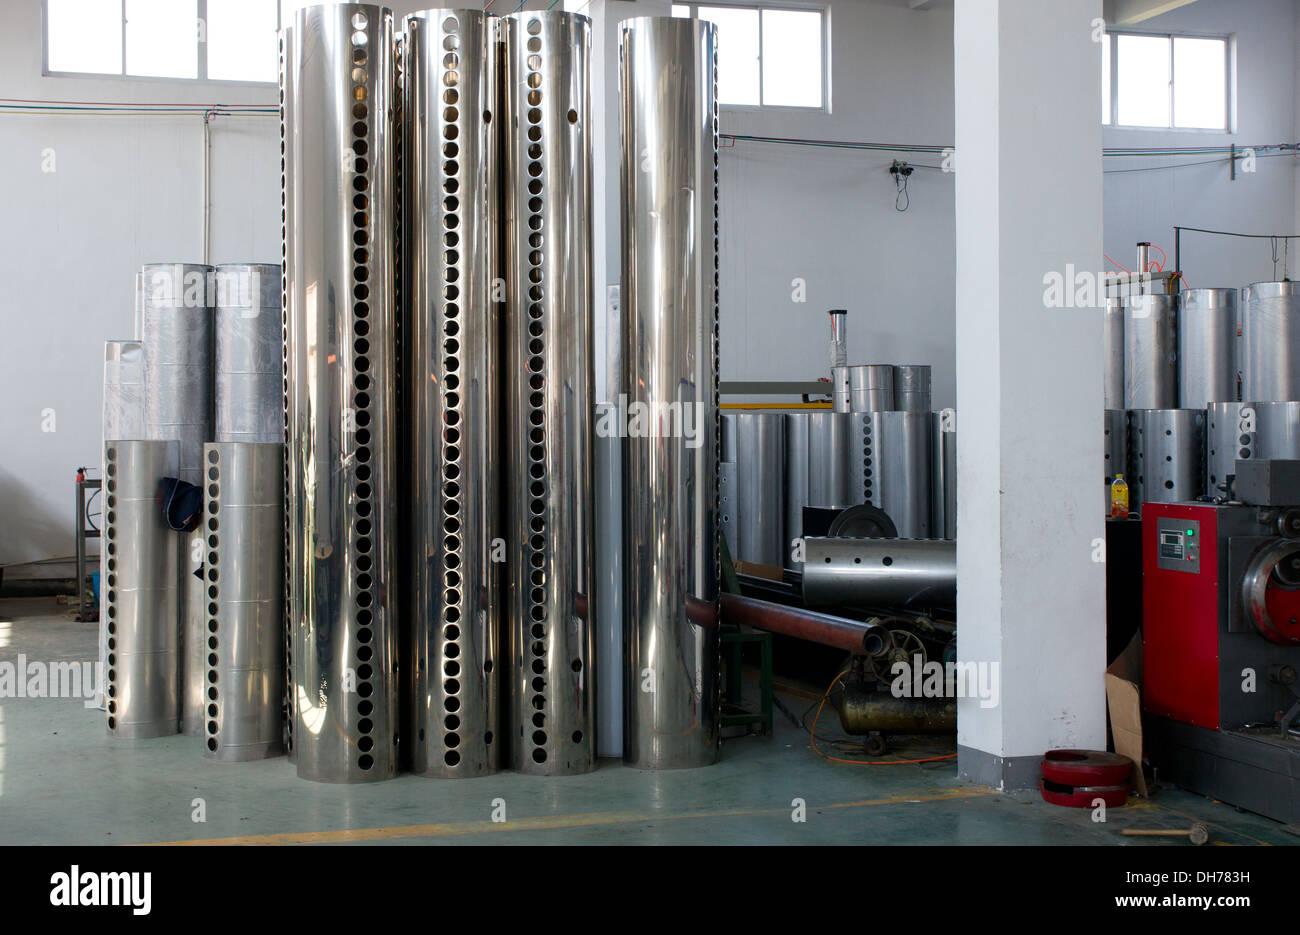 Les réservoirs de chauffe-eau solaire à tubes sous vide Photo Stock